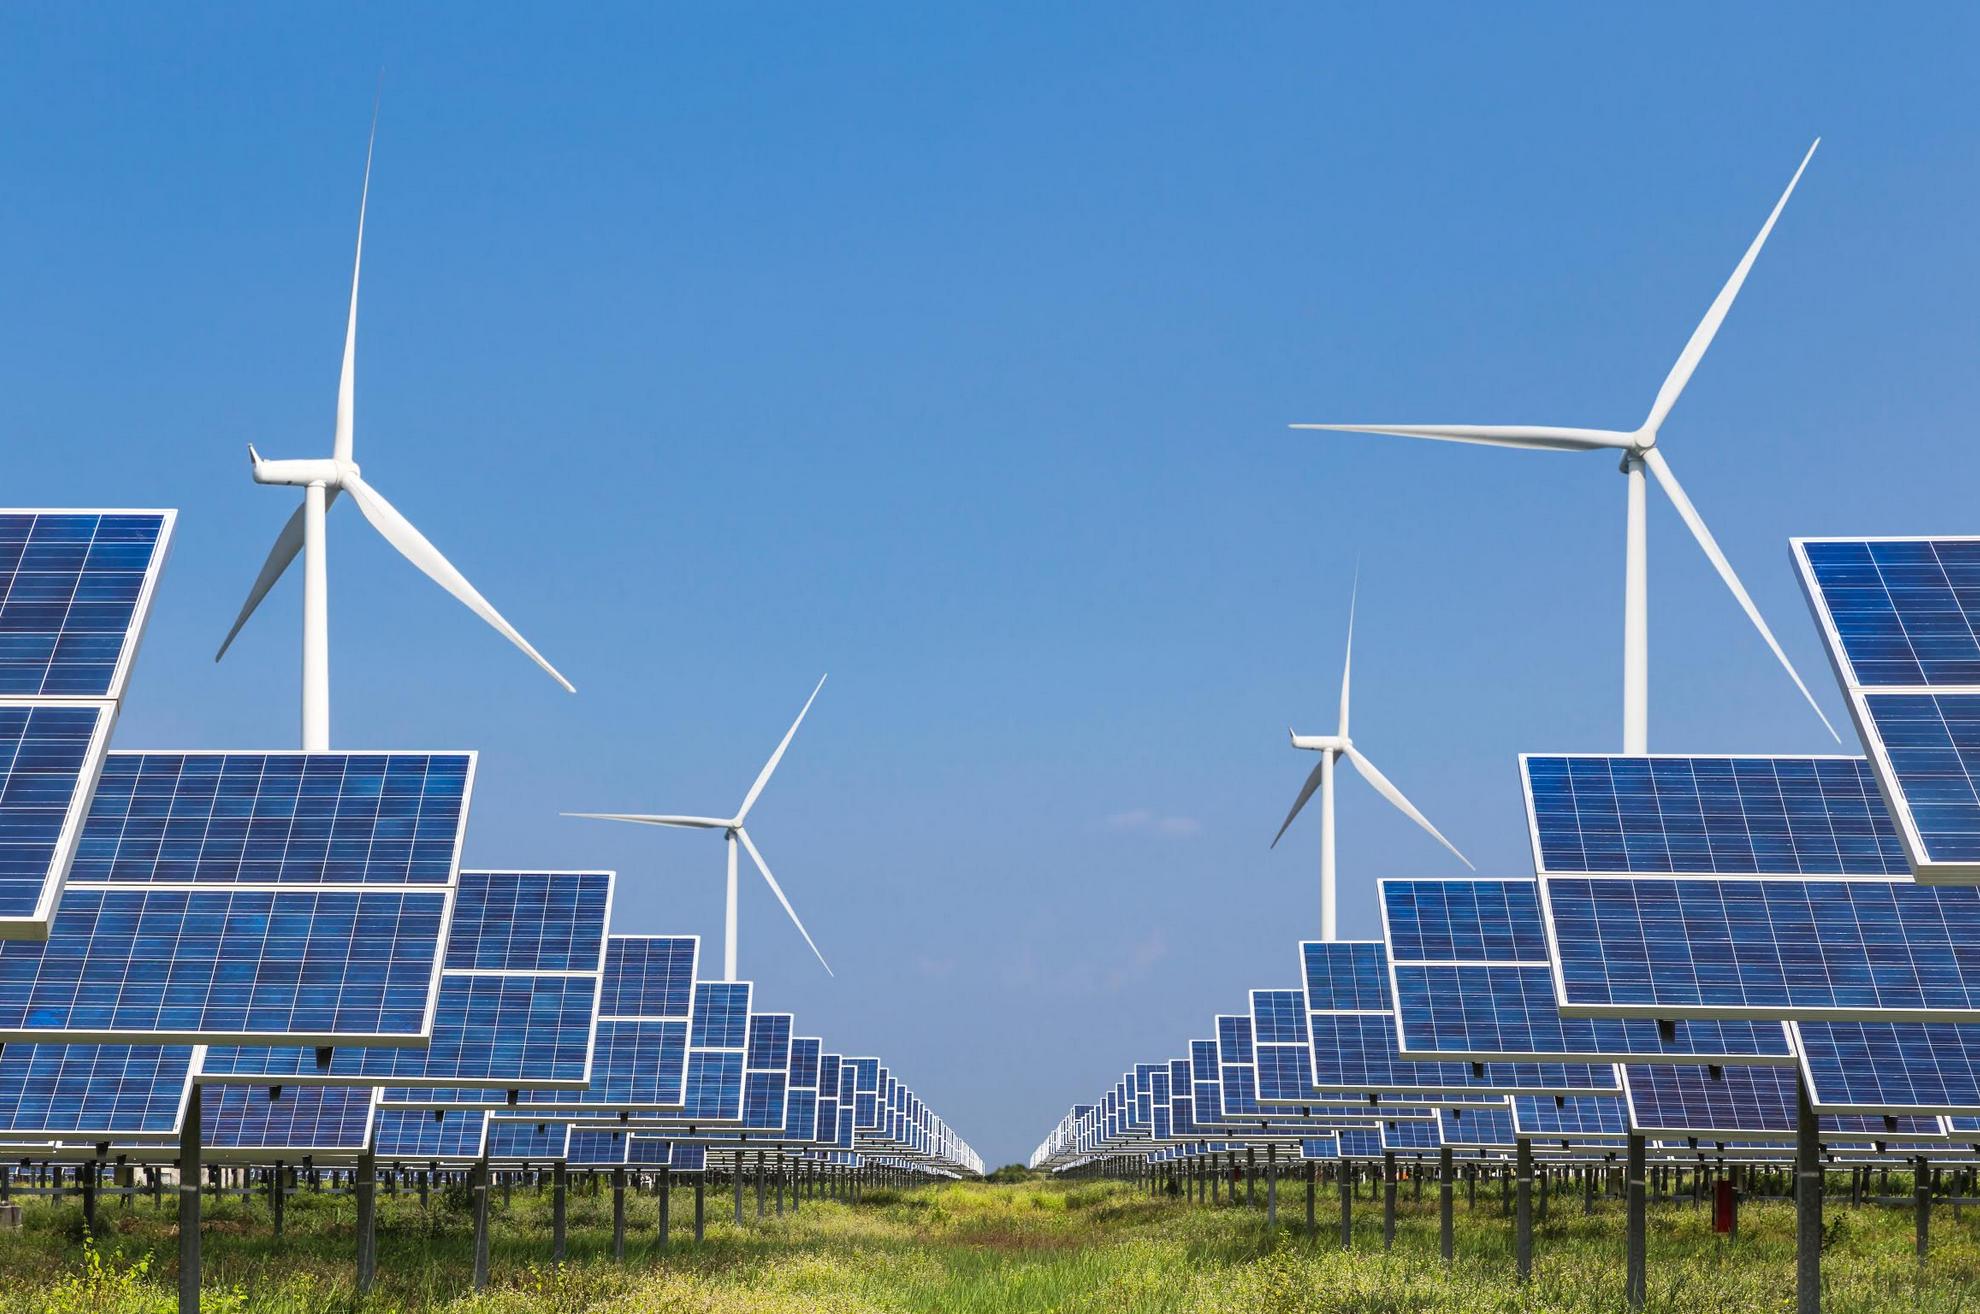 Ártalomcsökkentéssel a fenntartható jövőért